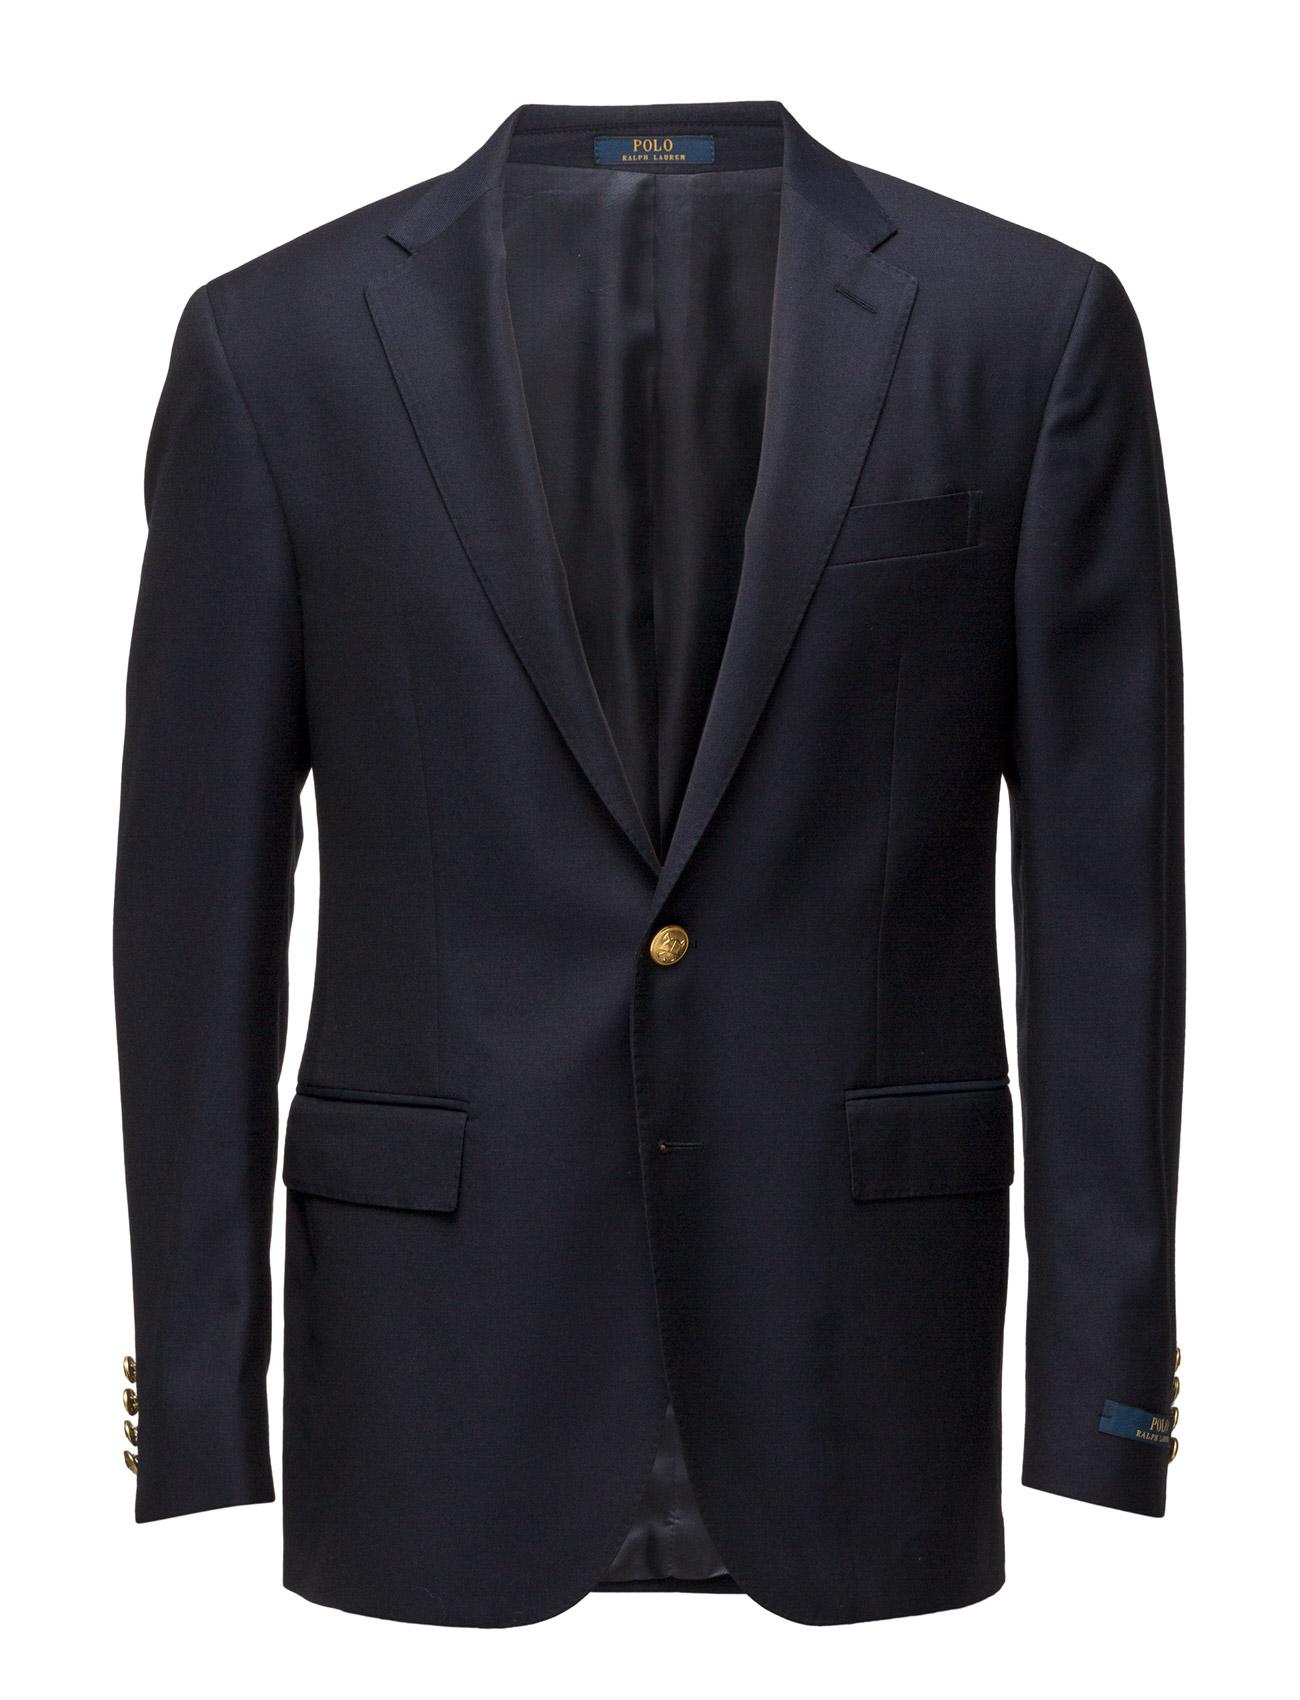 Polo Ralph Lauren Polo Silk Blend Suit Jacket